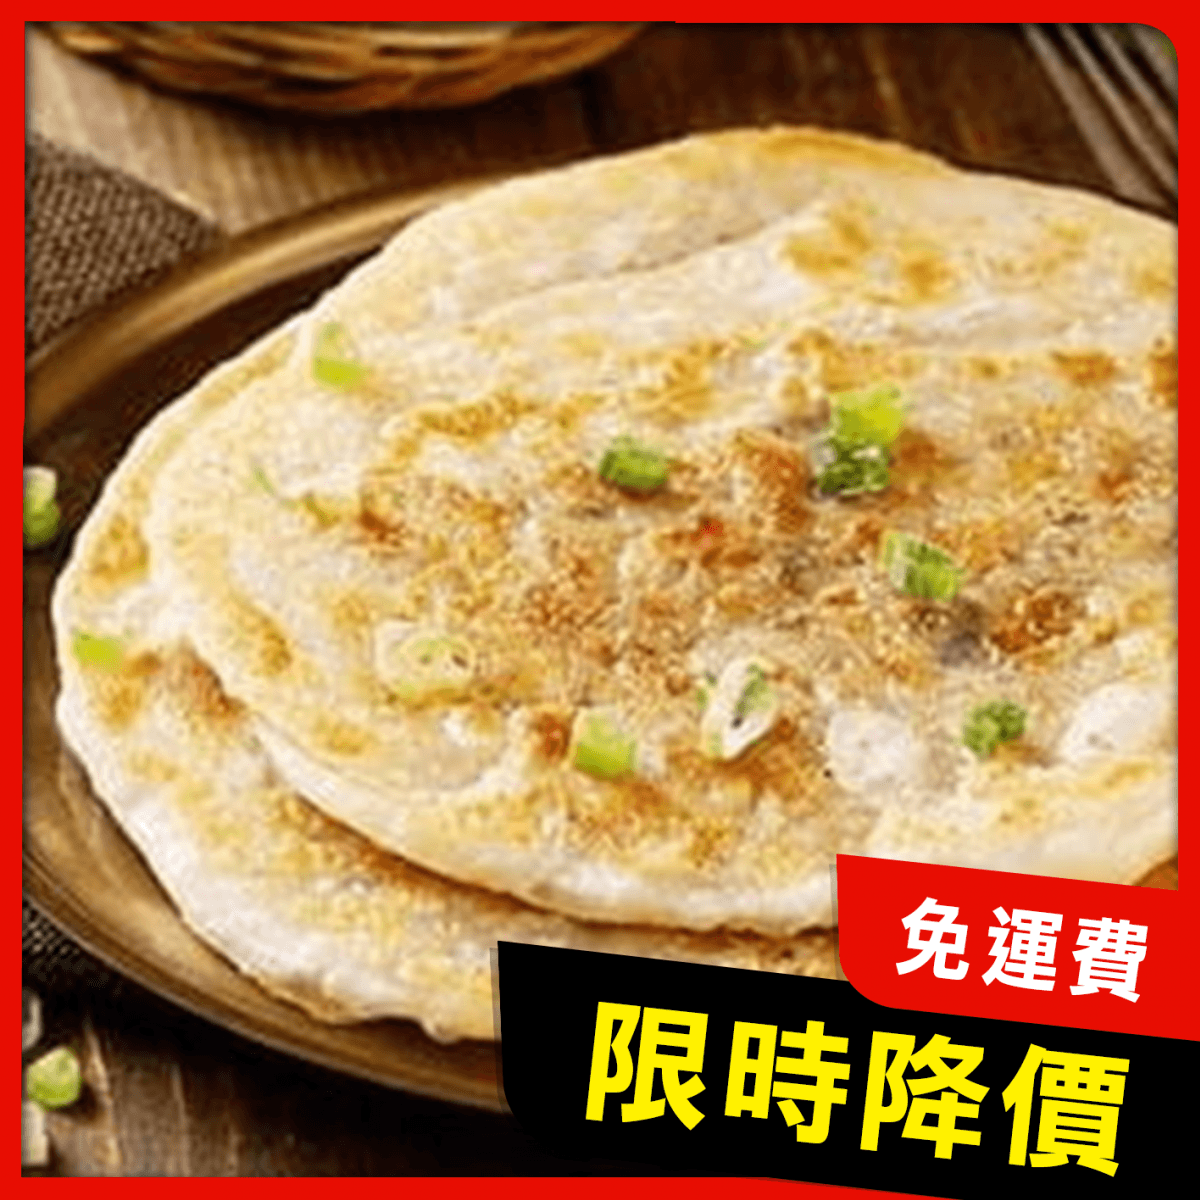 【大成】酥嫩雞肉蔥油餅 (140g/片) 0